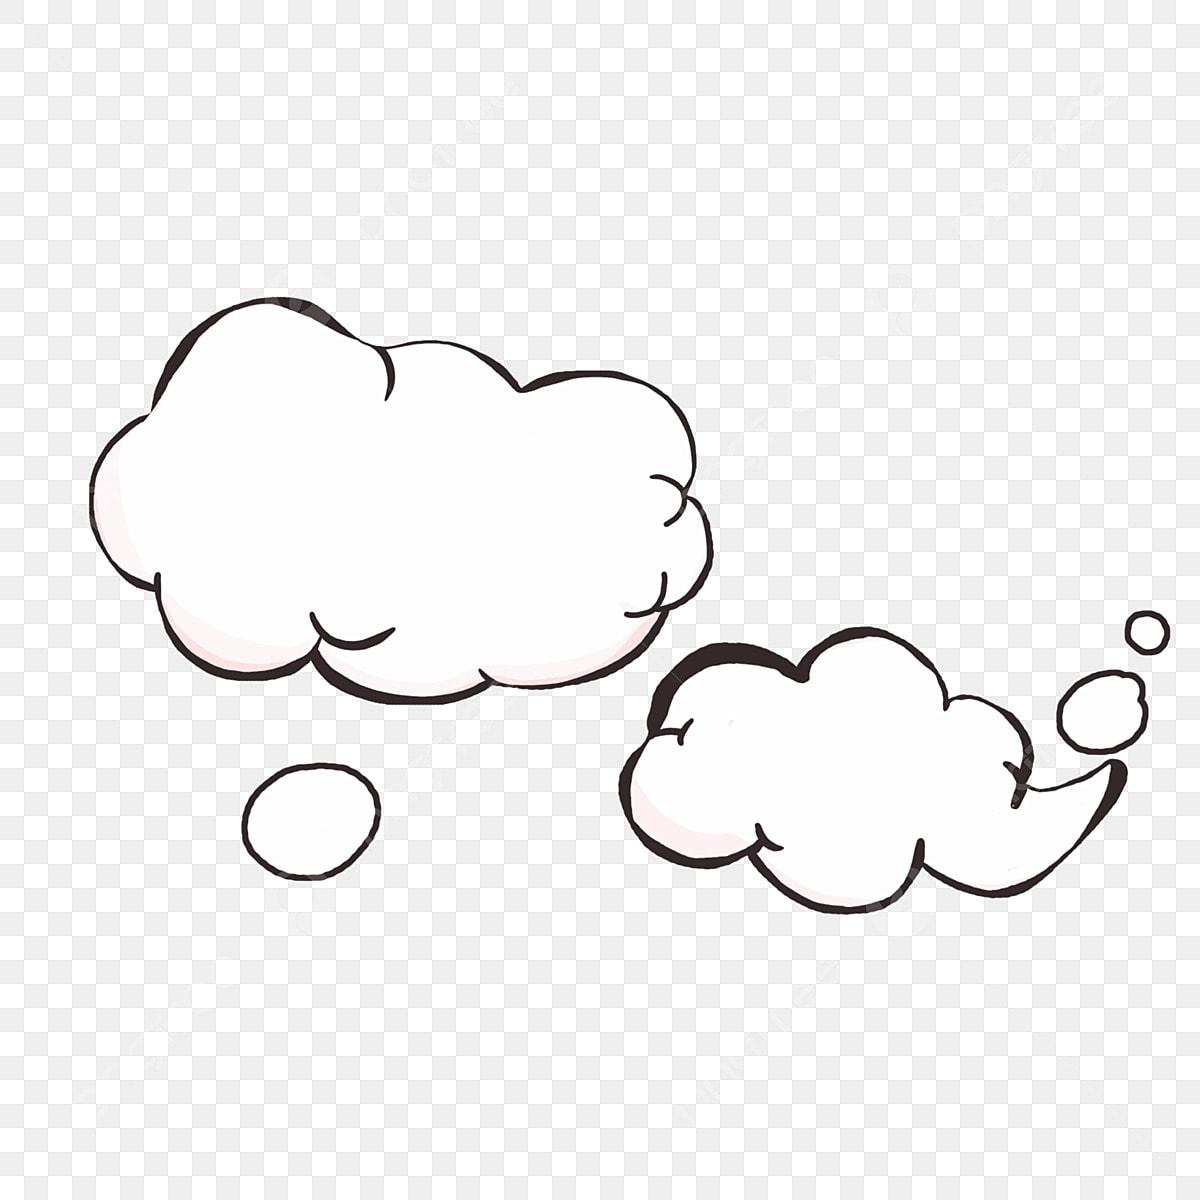 gambar awan dialog hitam comel kartun awan putih tangan ditarik awan png dan psd untuk muat turun percuma https ms pngtree com freepng cloud dialog black lovely 3842951 html